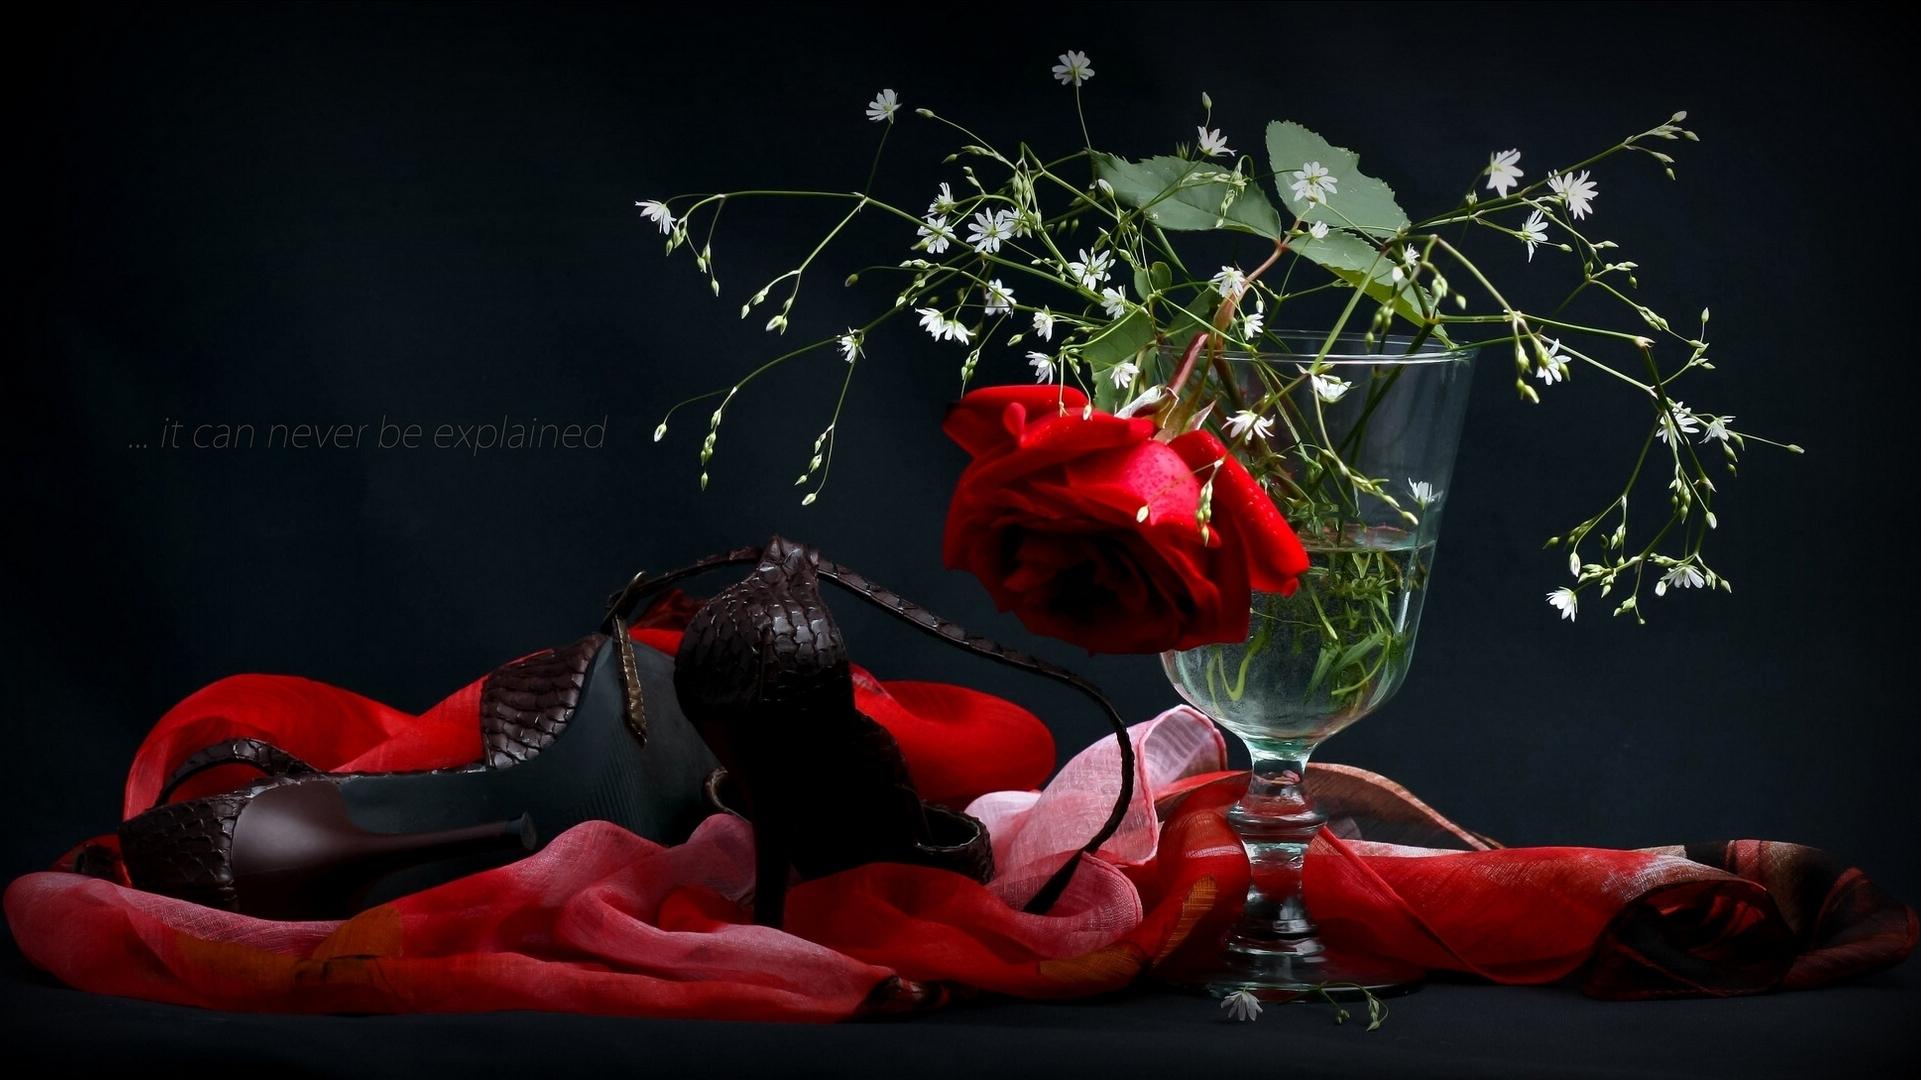 Туфли и розы  № 3398295 бесплатно